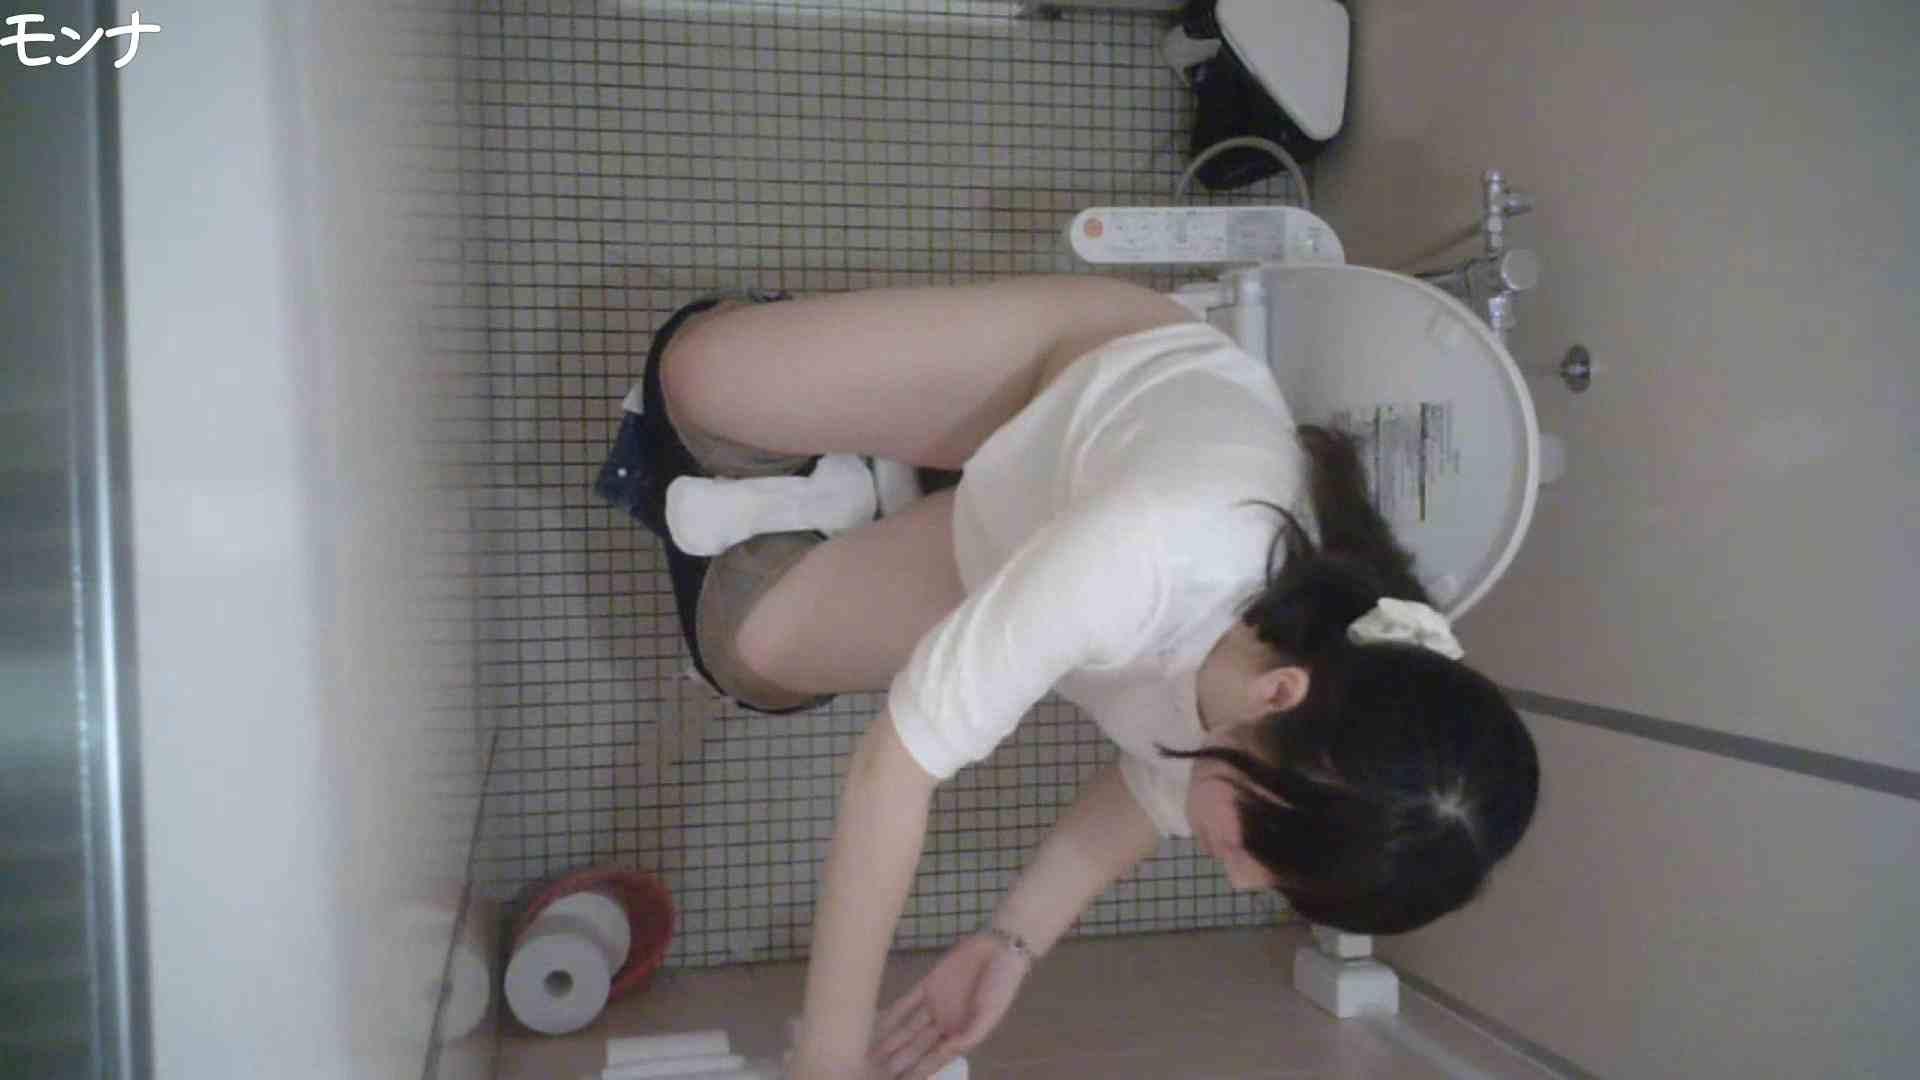 有名大学女性洗面所 vol.65 秘技!!マルチアングル天井撮り!! ギャル達 セックス画像 110枚 2